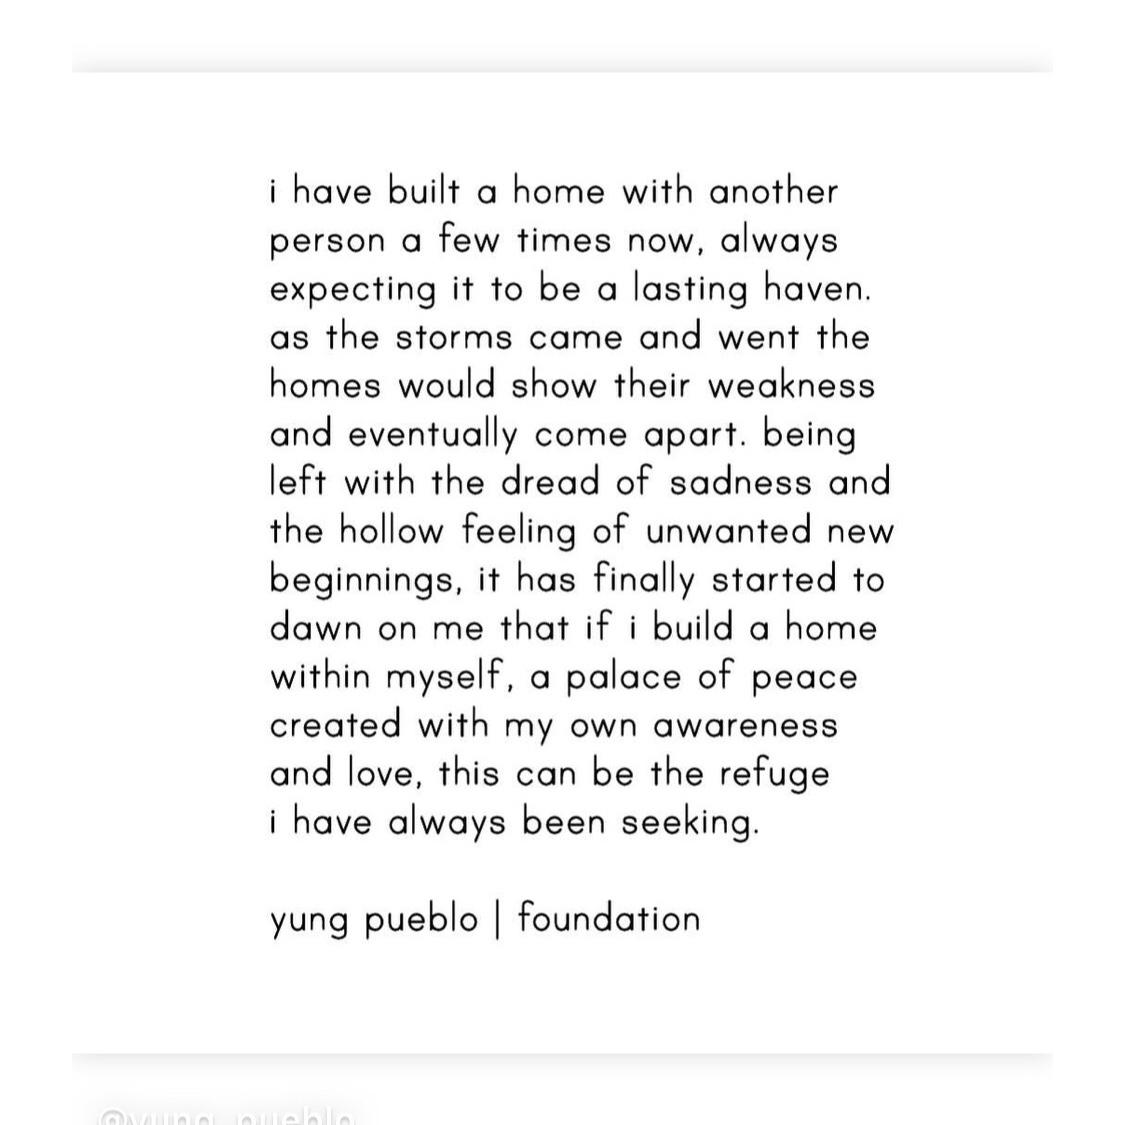 yung pueblo foundation quote